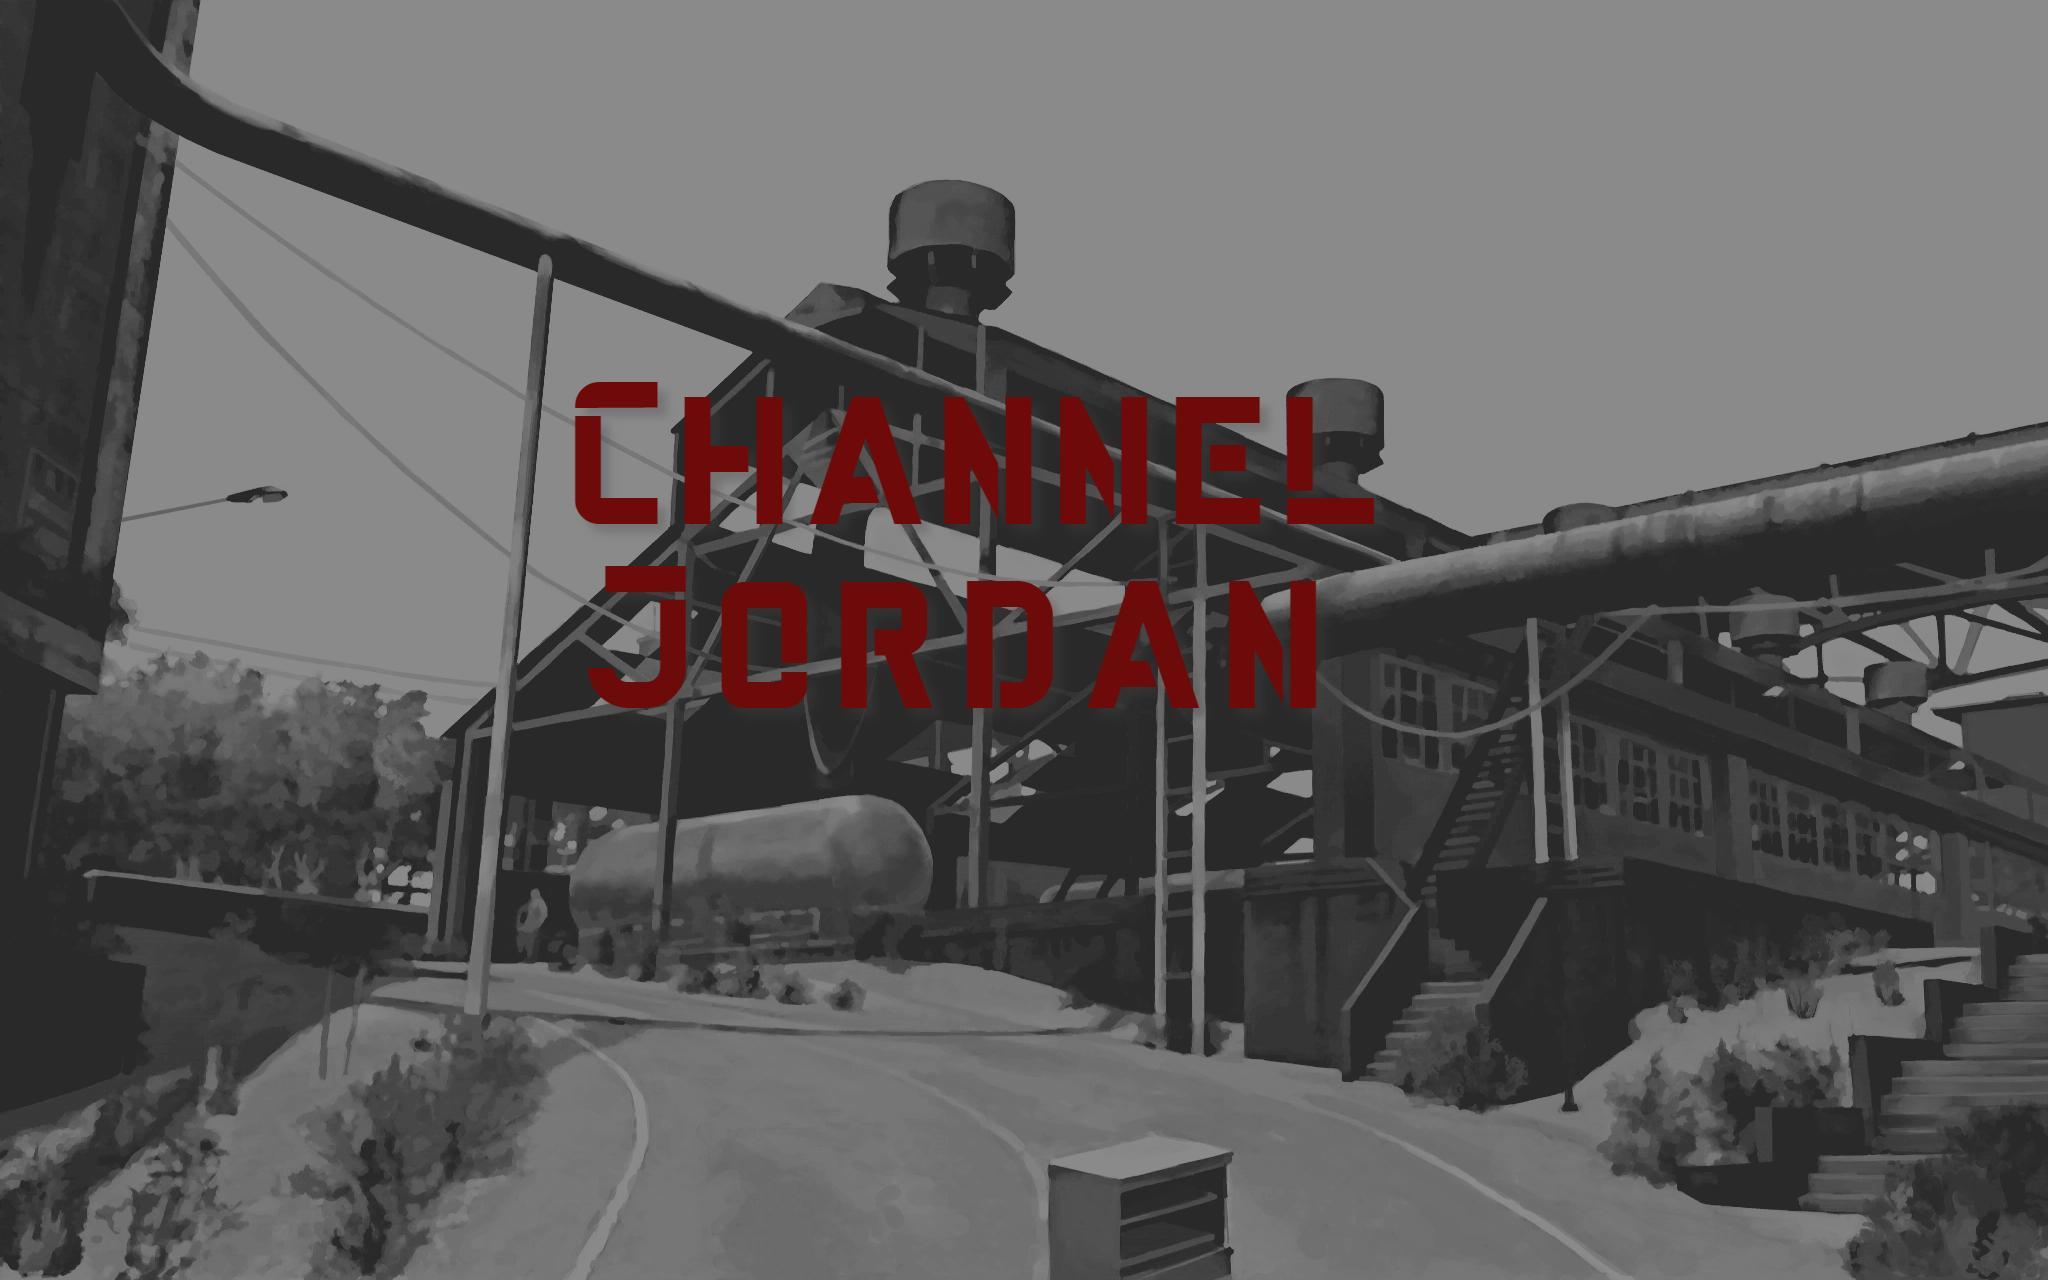 Jordan15